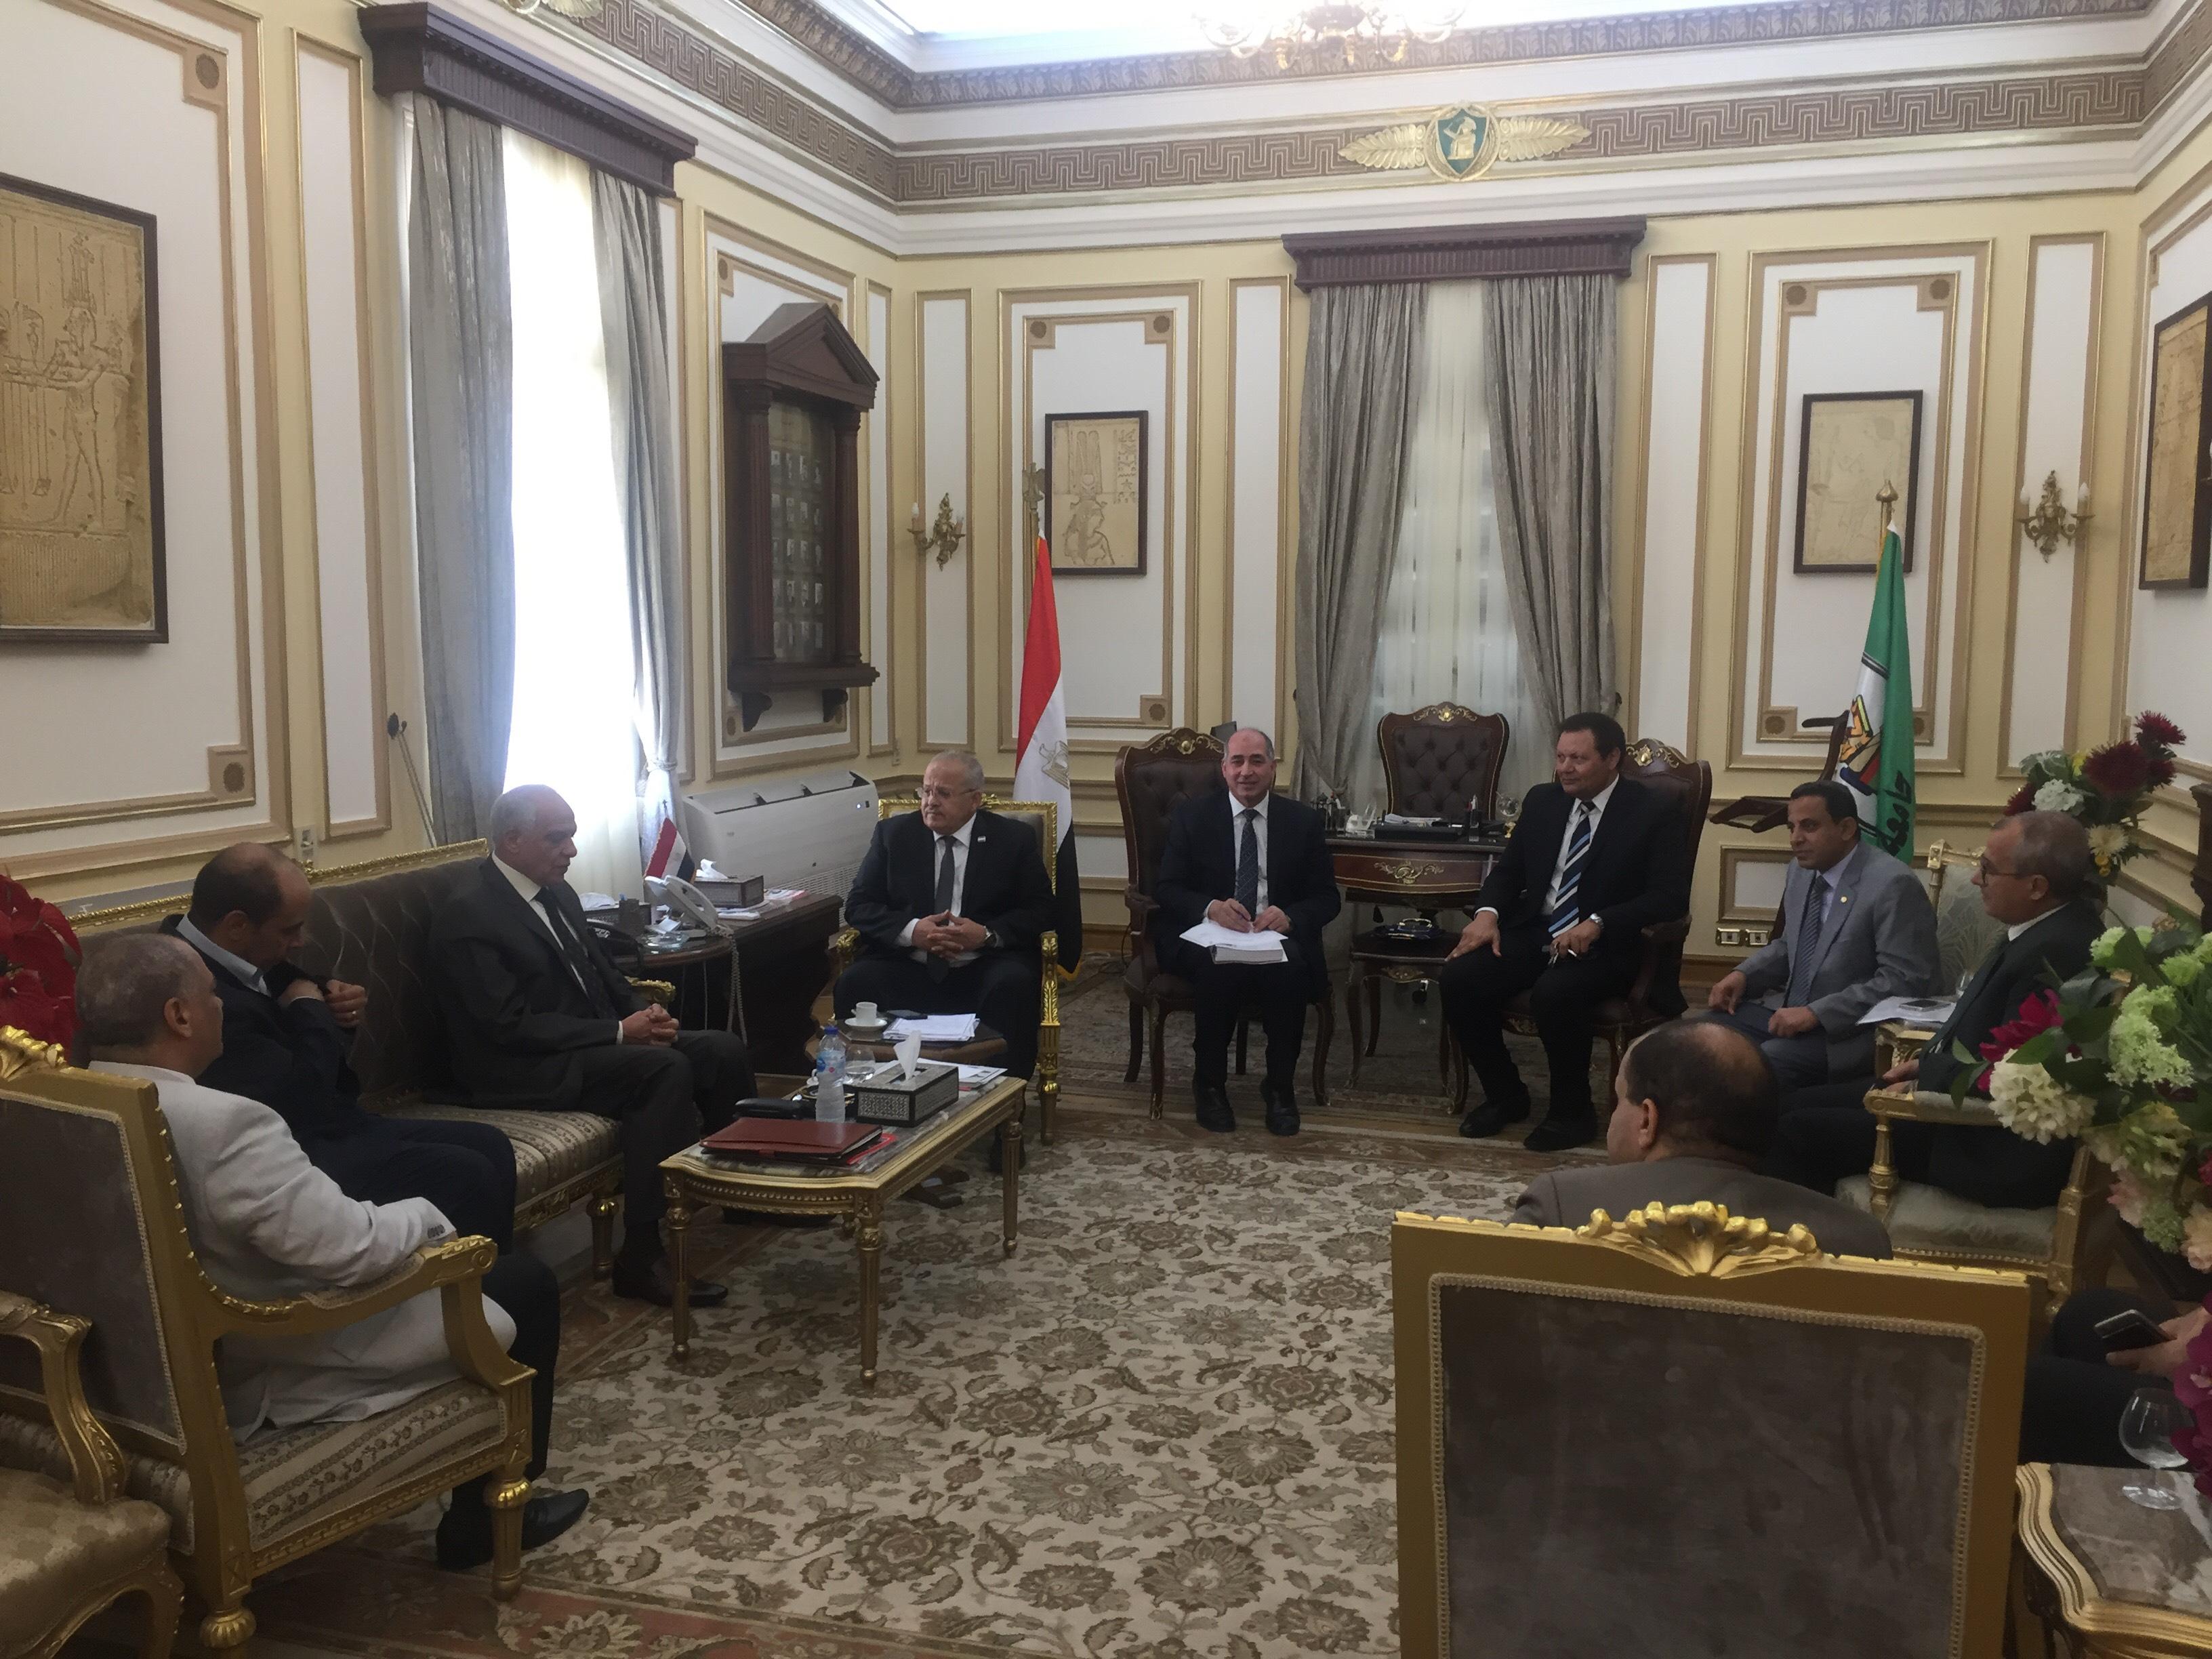 . رئيس جامعة القاهرة يستقبل محافظ الجيزة بمكتبه لبحث استعدادات العام الدراسى الجديد (6)